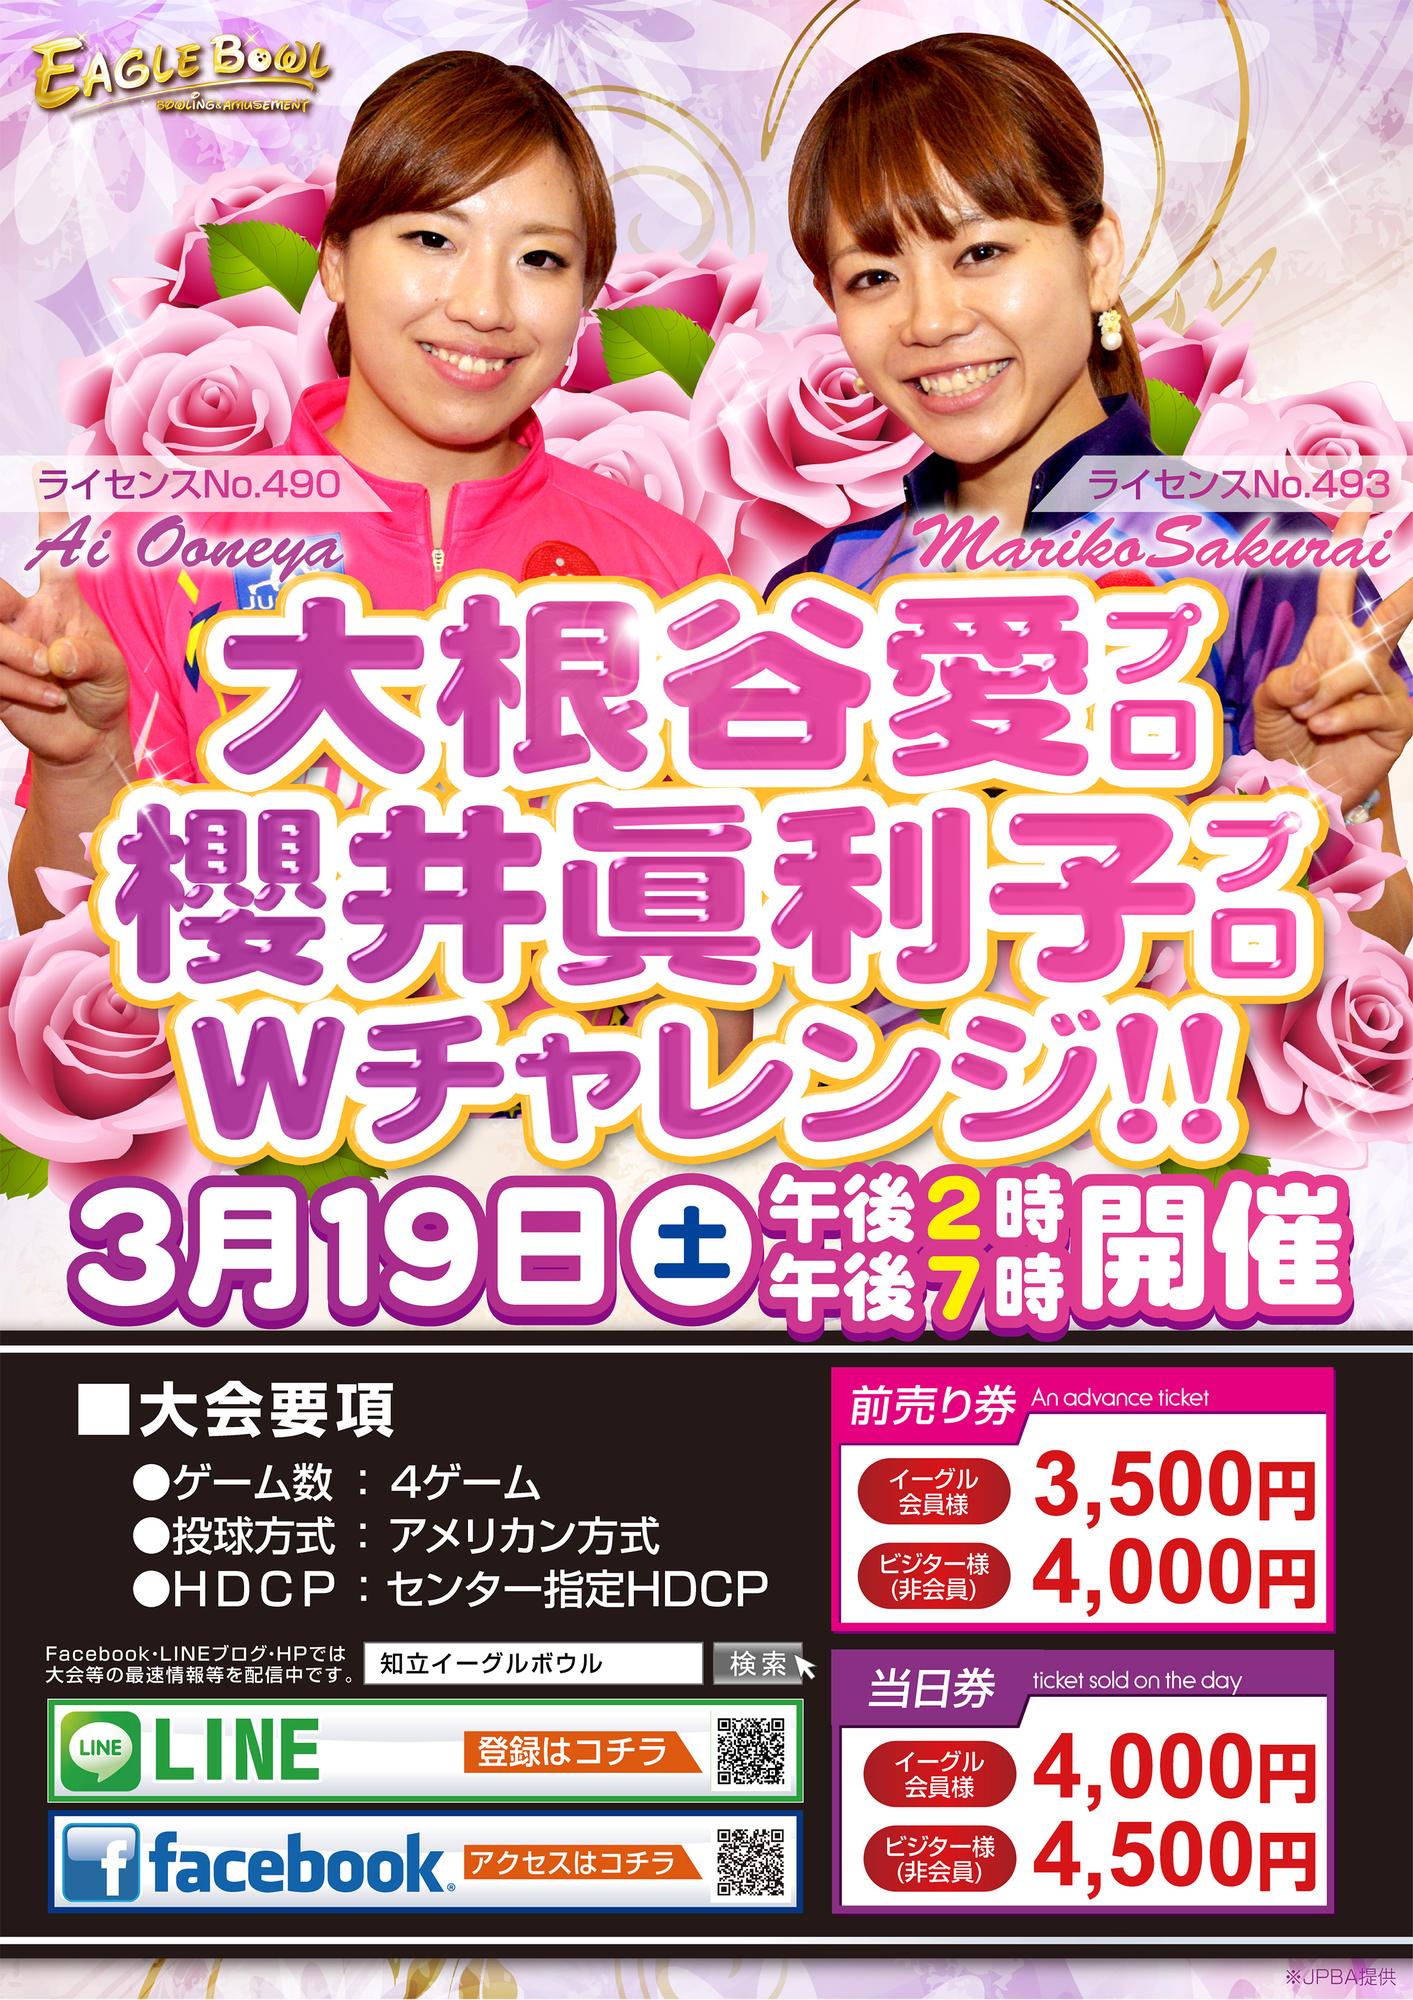 3/19 大根谷愛プロ&櫻井眞利子プロチャレンジ